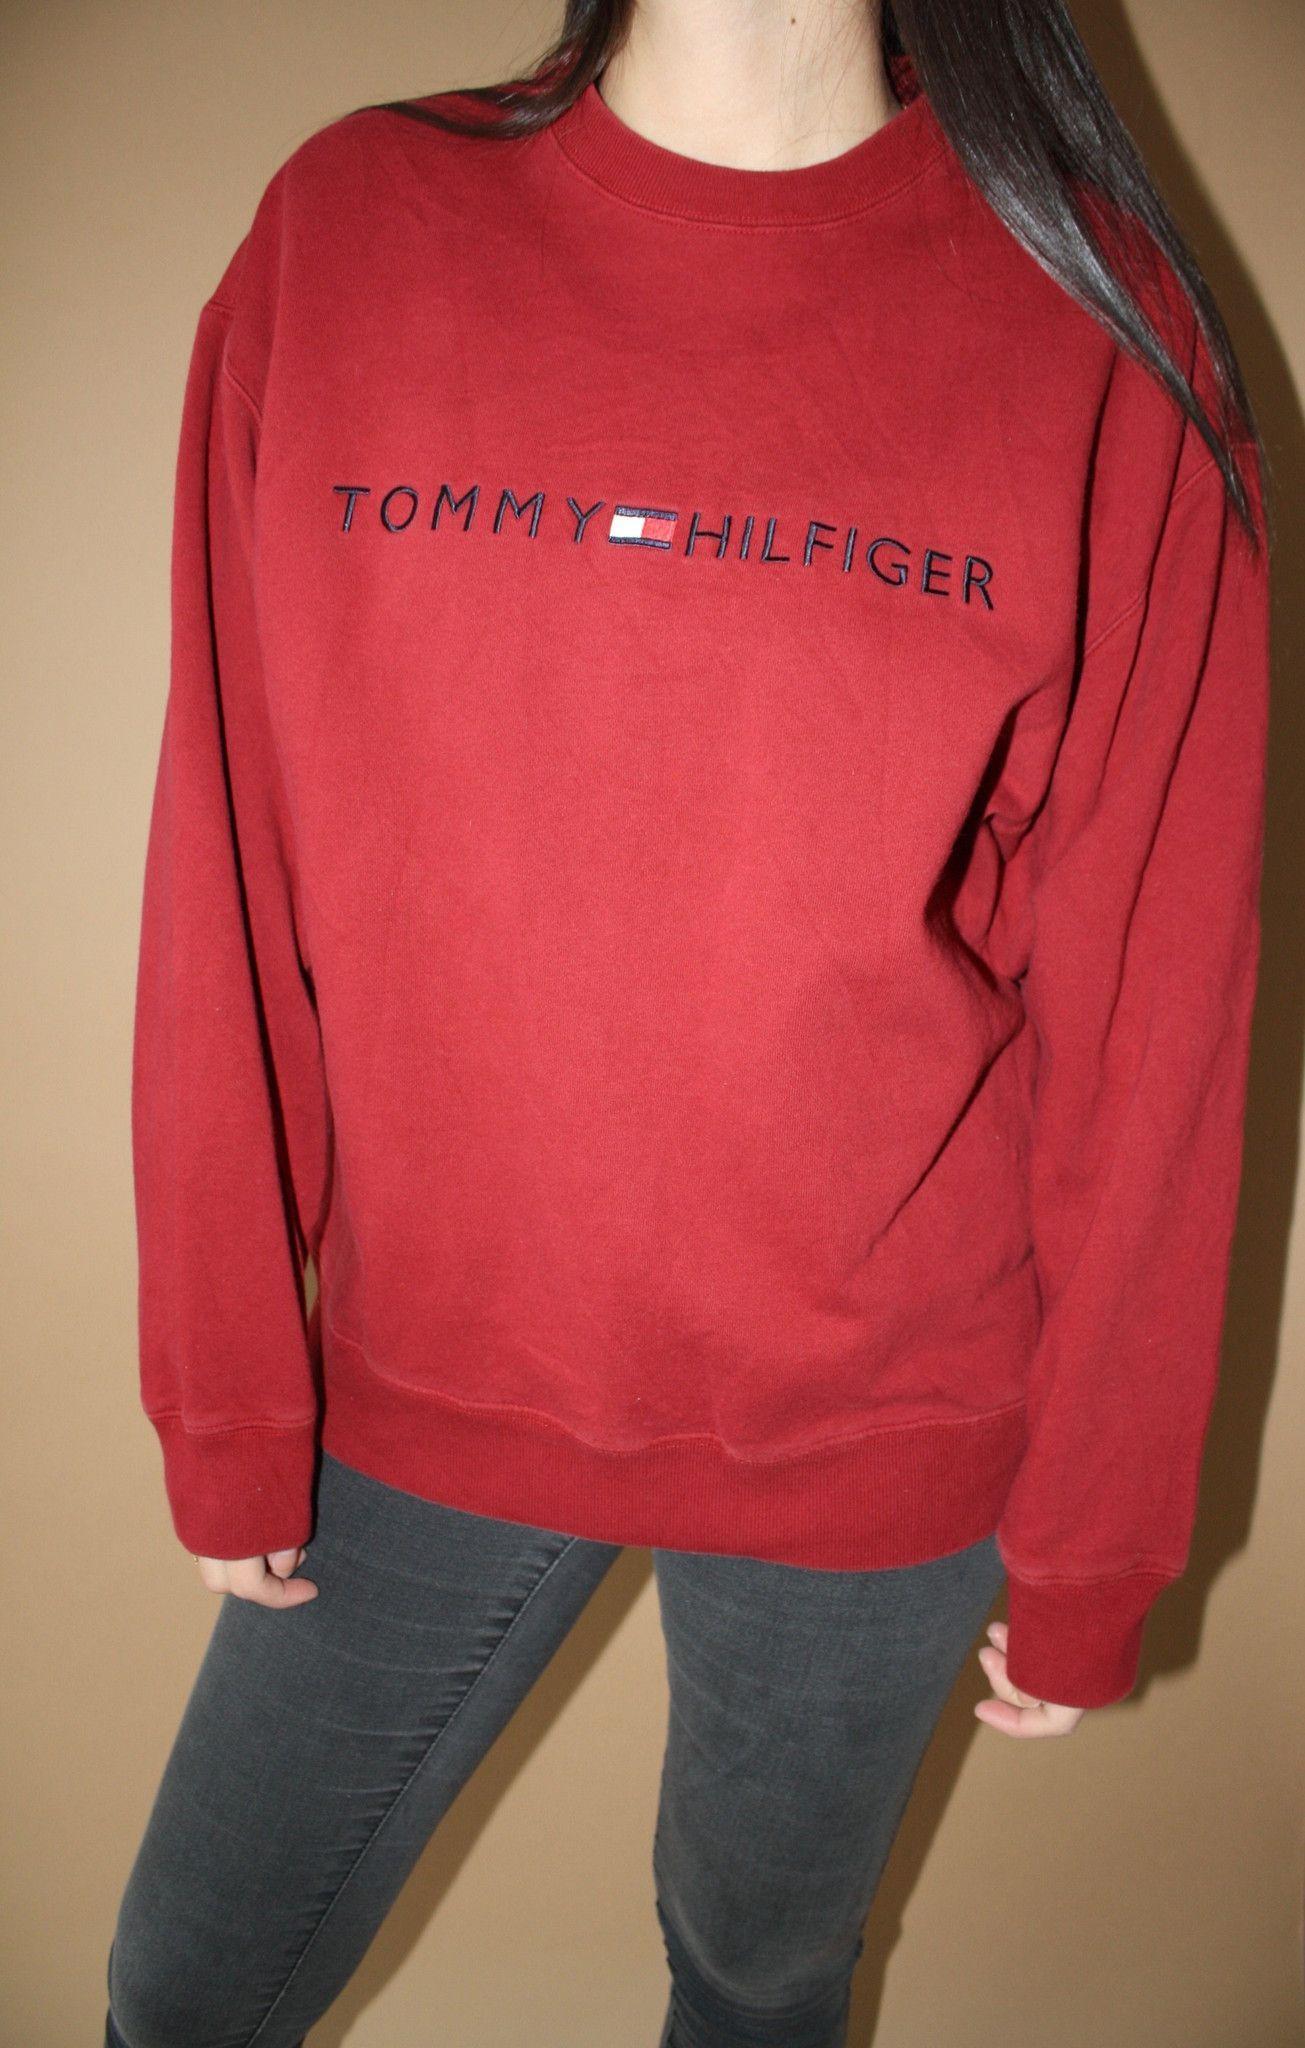 Tommy Hilfiger Crewneck Men S Tommy Hilfiger Sweatshirt Tommy Hilfiger Fashion Tommy Hilfiger [ 2048 x 1305 Pixel ]